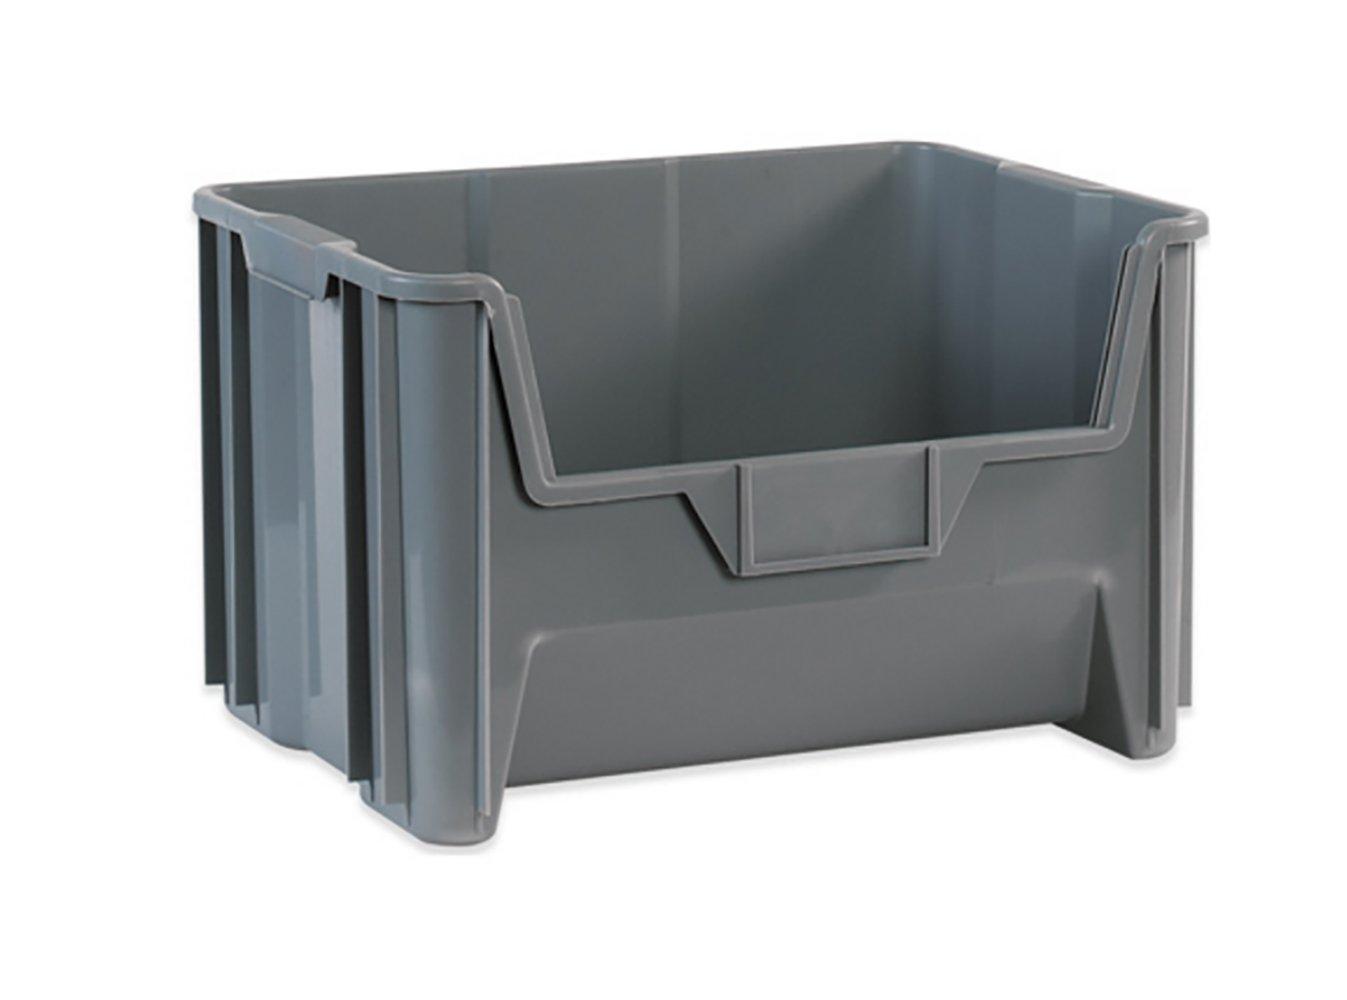 RetailSource BING112-1 19 7/8 x 15 1/4 x 12 7/16 Gray Giant Stackable Bin RetailSource Ltd